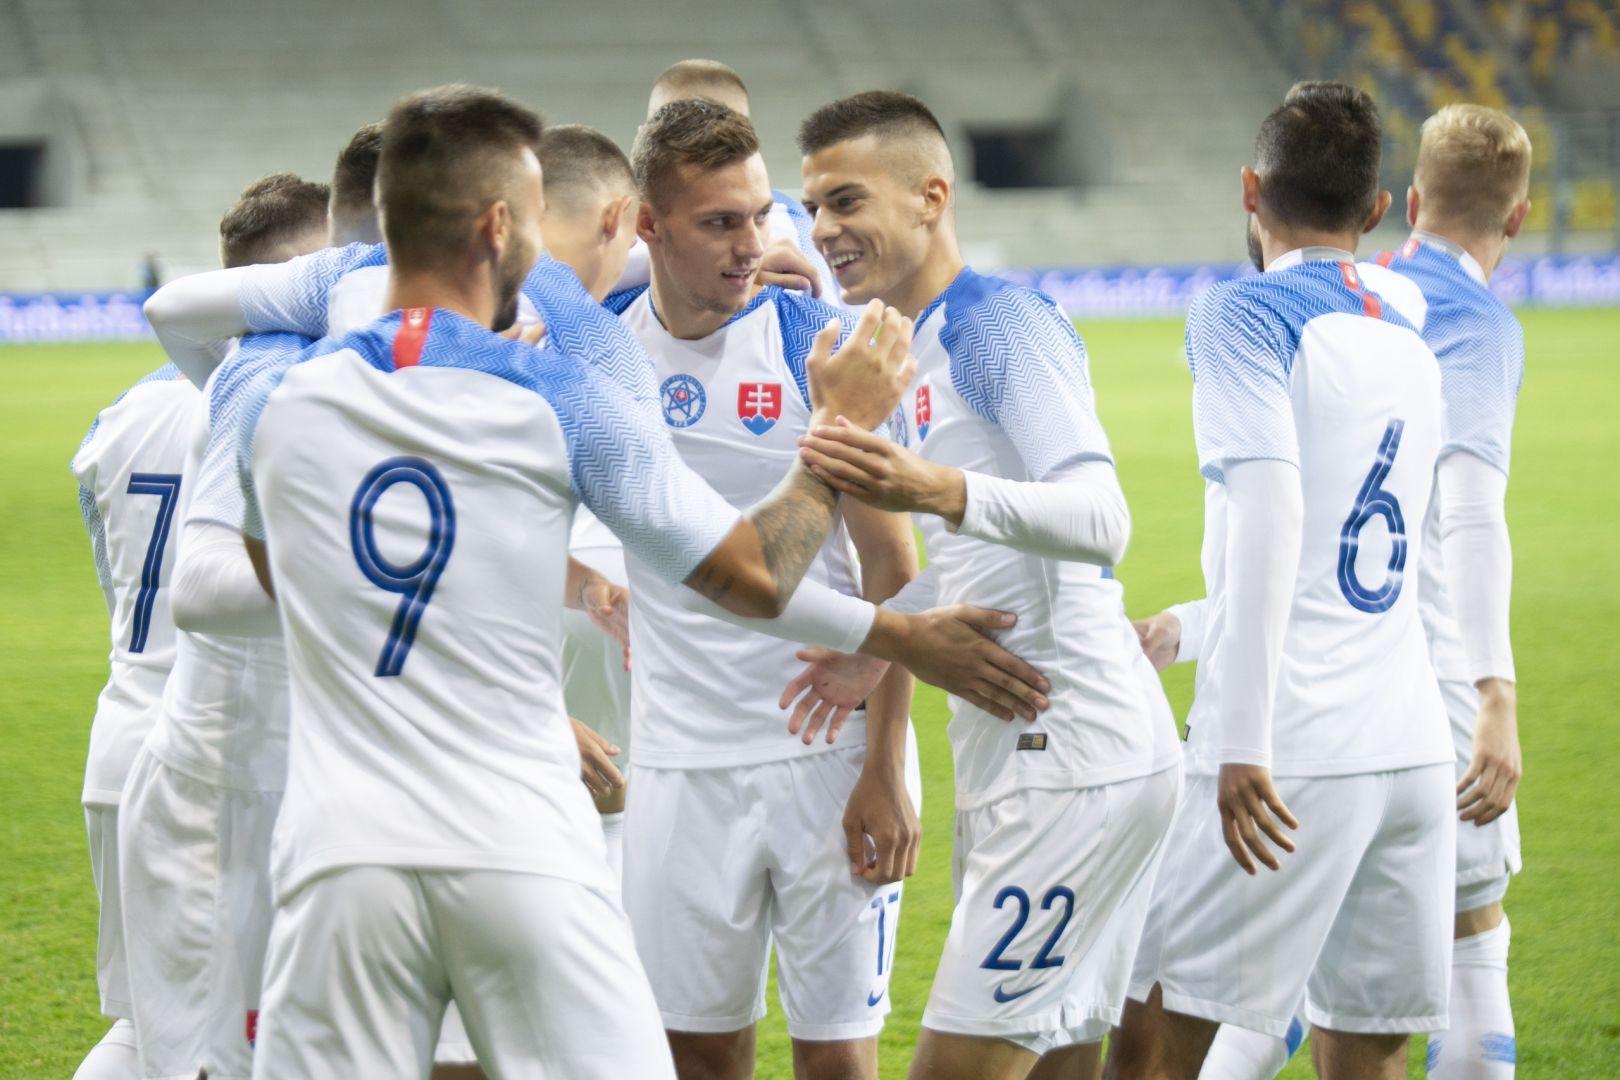 d85f430ac3e23 Slovenská futbalová reprezentácia do 21 rokov zvíťazila v piatkovom  stretnutí 2. skupiny kvalifikácie ME 2019 v Dunajskej Strede nad estónskymi  rovesníkmi ...